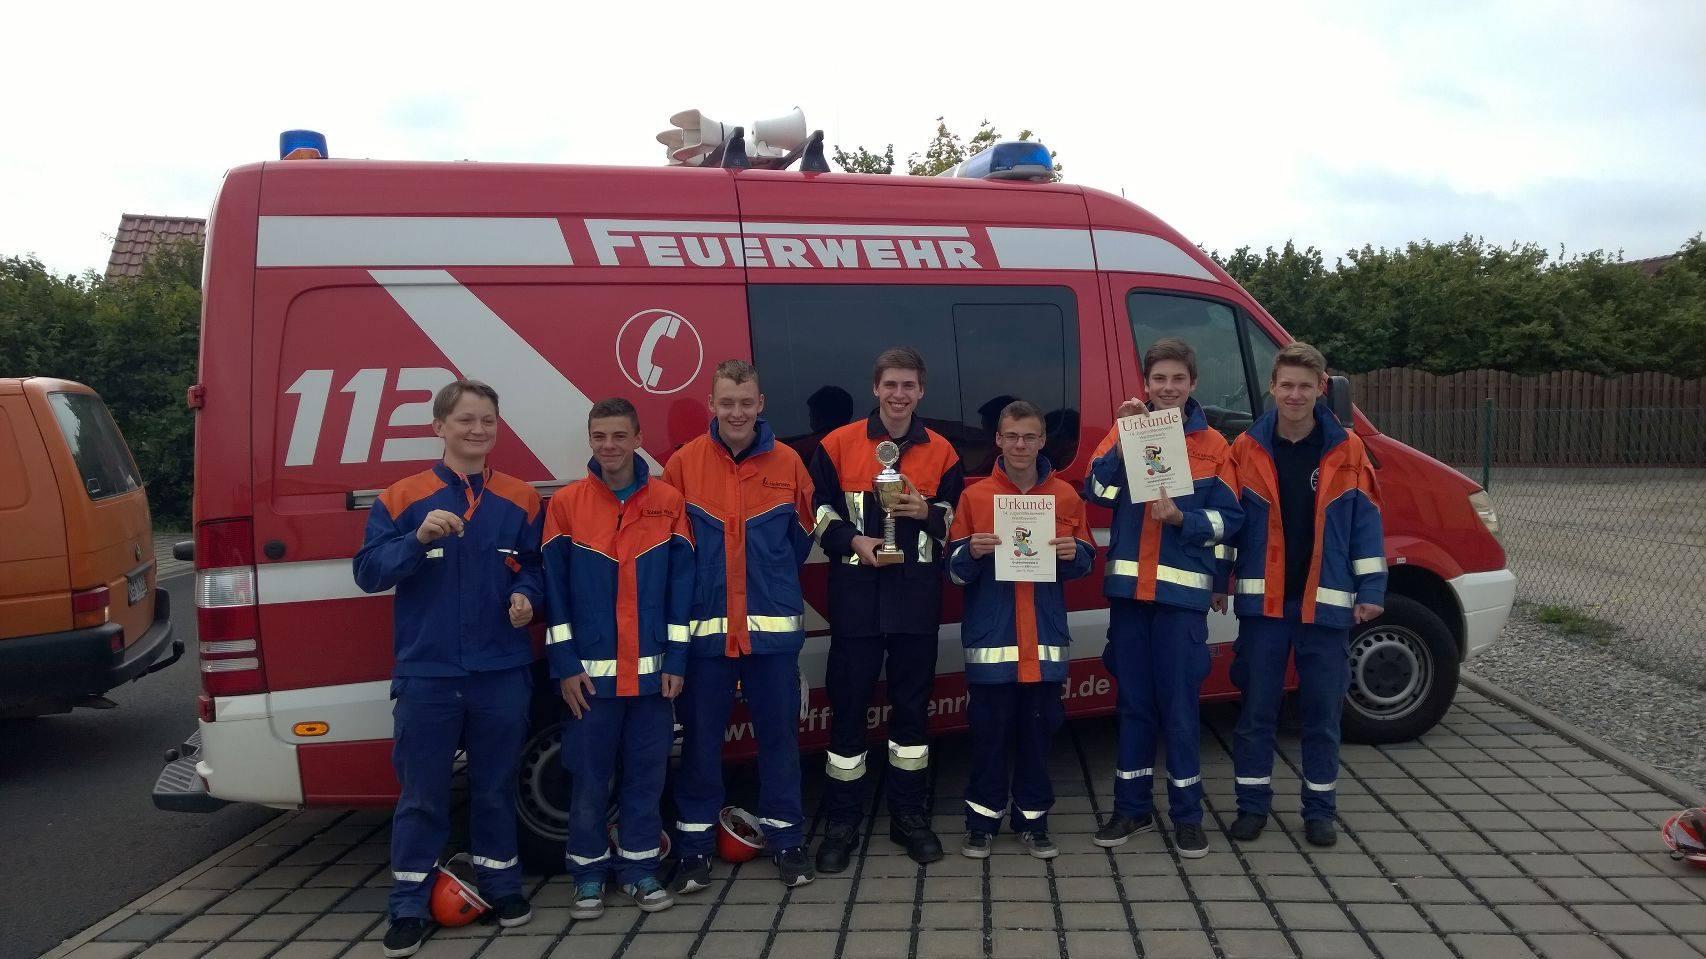 Sensation beim Jugendfeuerwehrwettbewerb in Poppenhausen